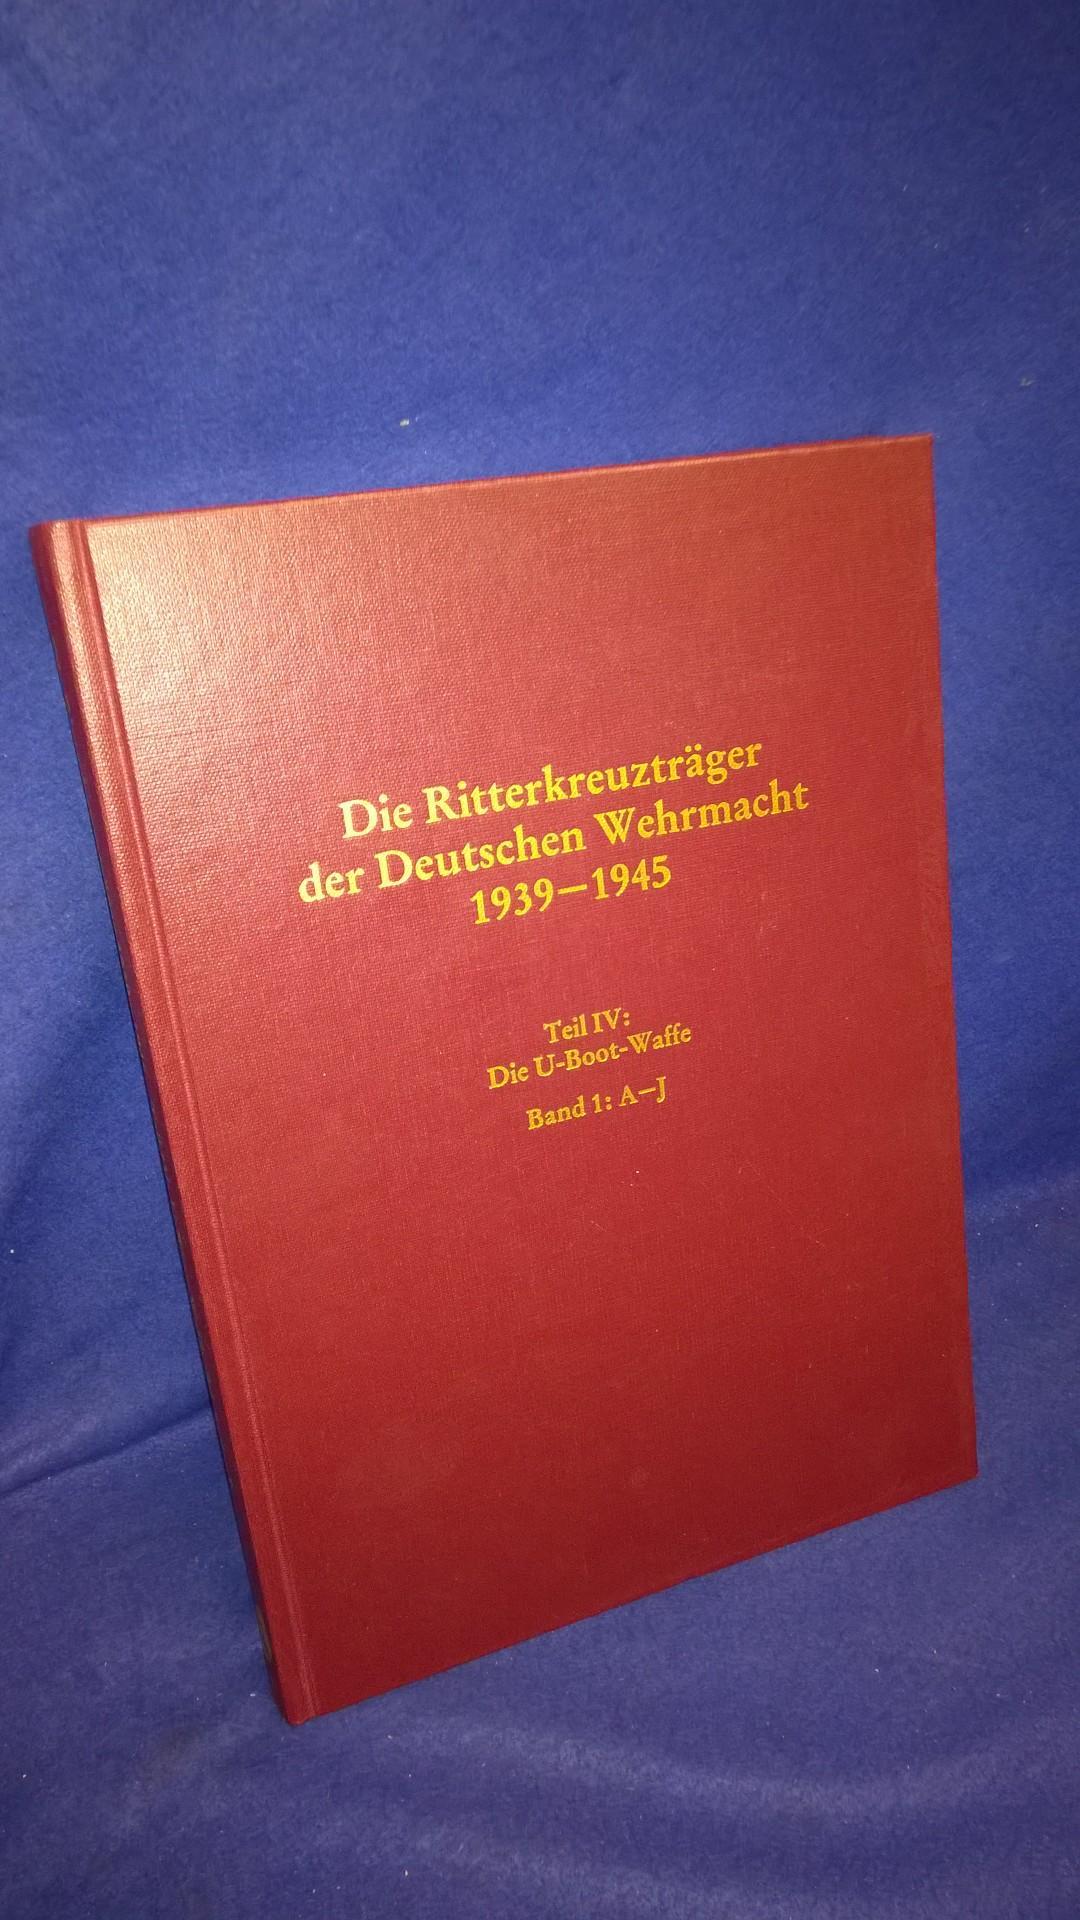 Die Ritterkreuzträger der Deutschen Wehrmacht 1939 - 1945 - Teil IV: Die U-Boot-Waffe, Bd. 1: A-J.